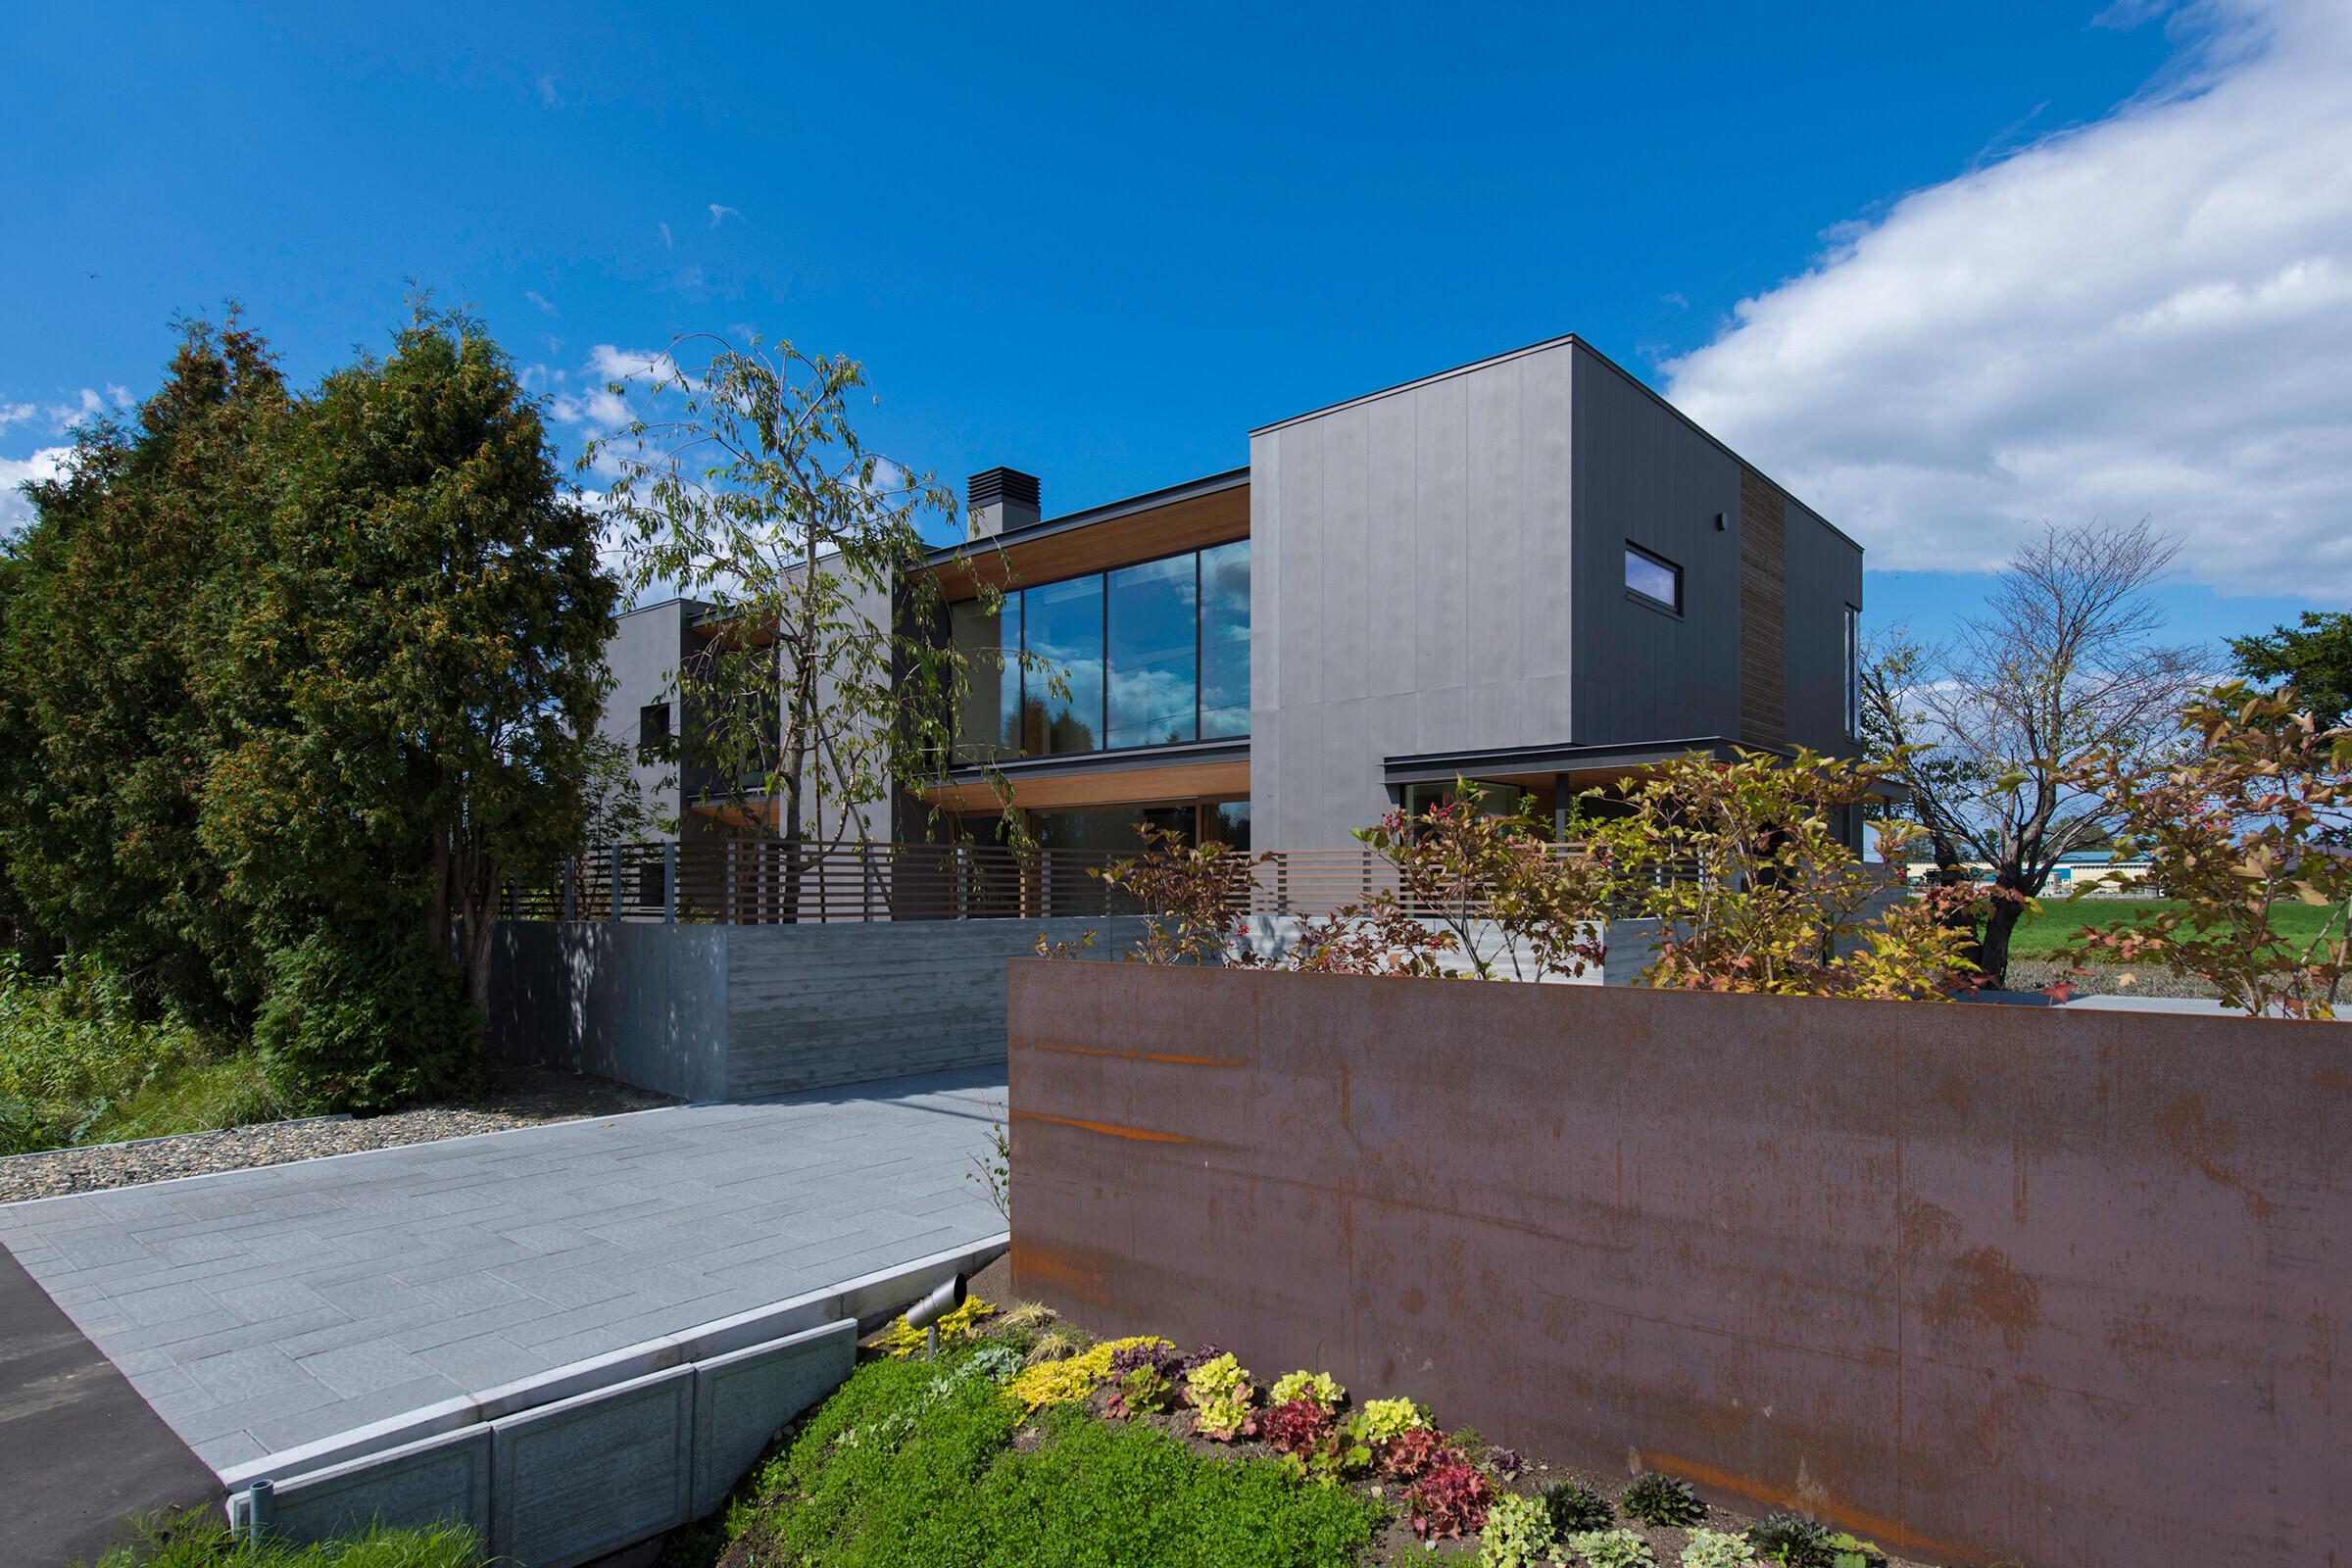 NNPR 北海道らしい自然豊かな景観に立つ邸宅の建築事例写真